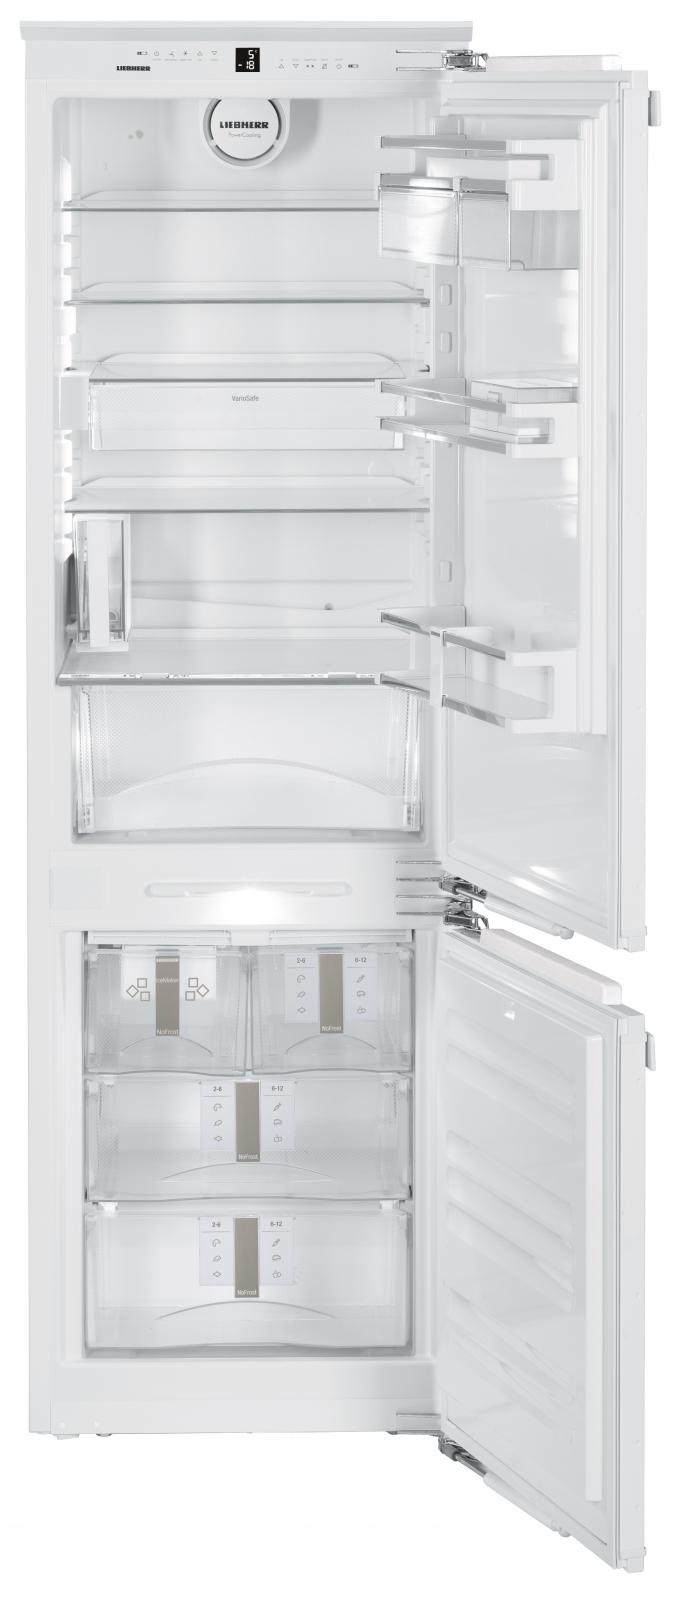 купить Встраиваемый двухкамерный холодильник Liebherr ICN 3386 Украина фото 1